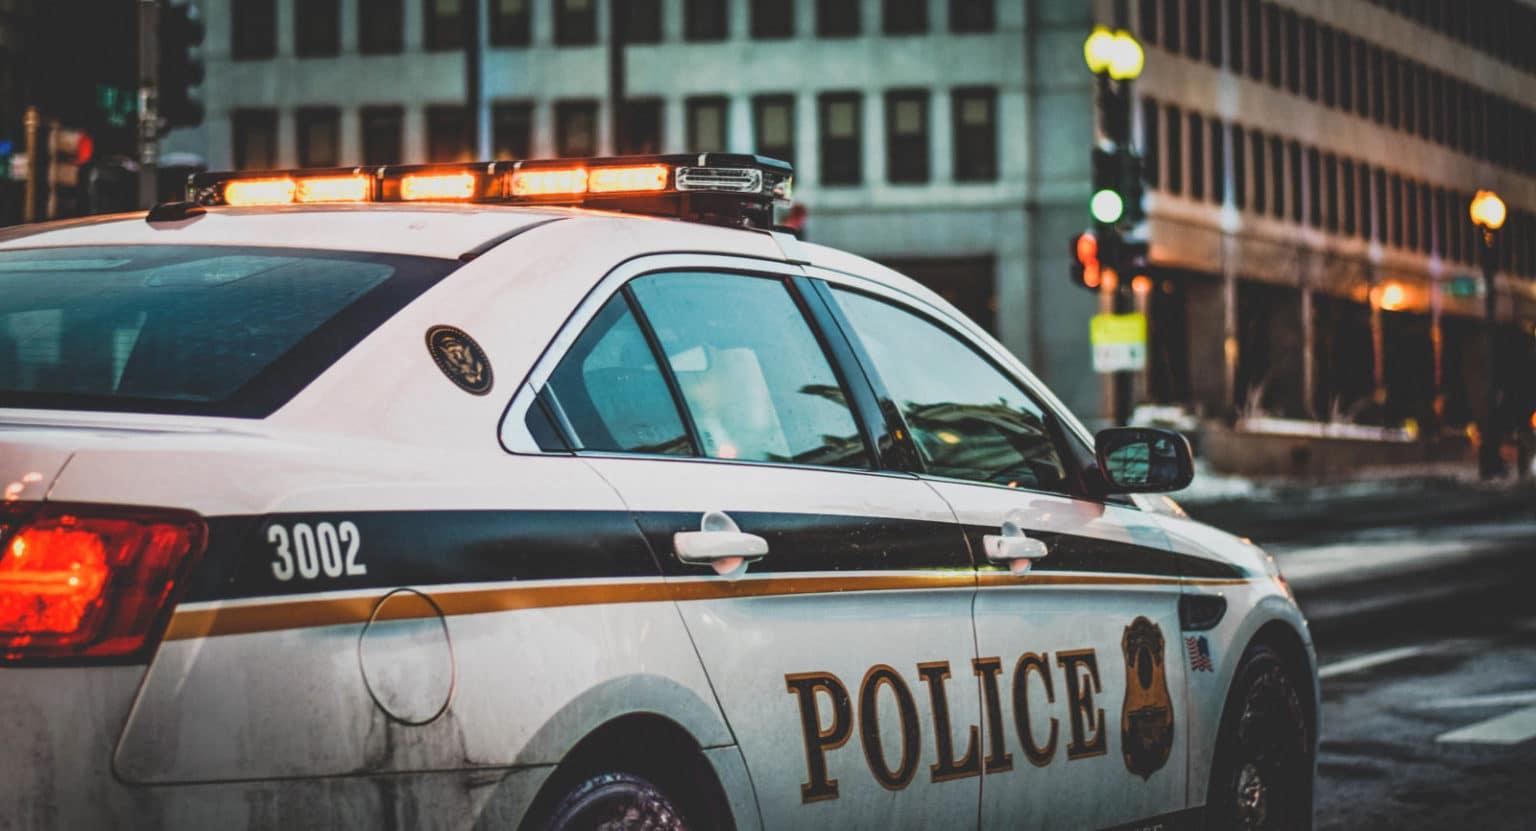 Verkehrsstrafrecht/ Beweisverwertungsverbot